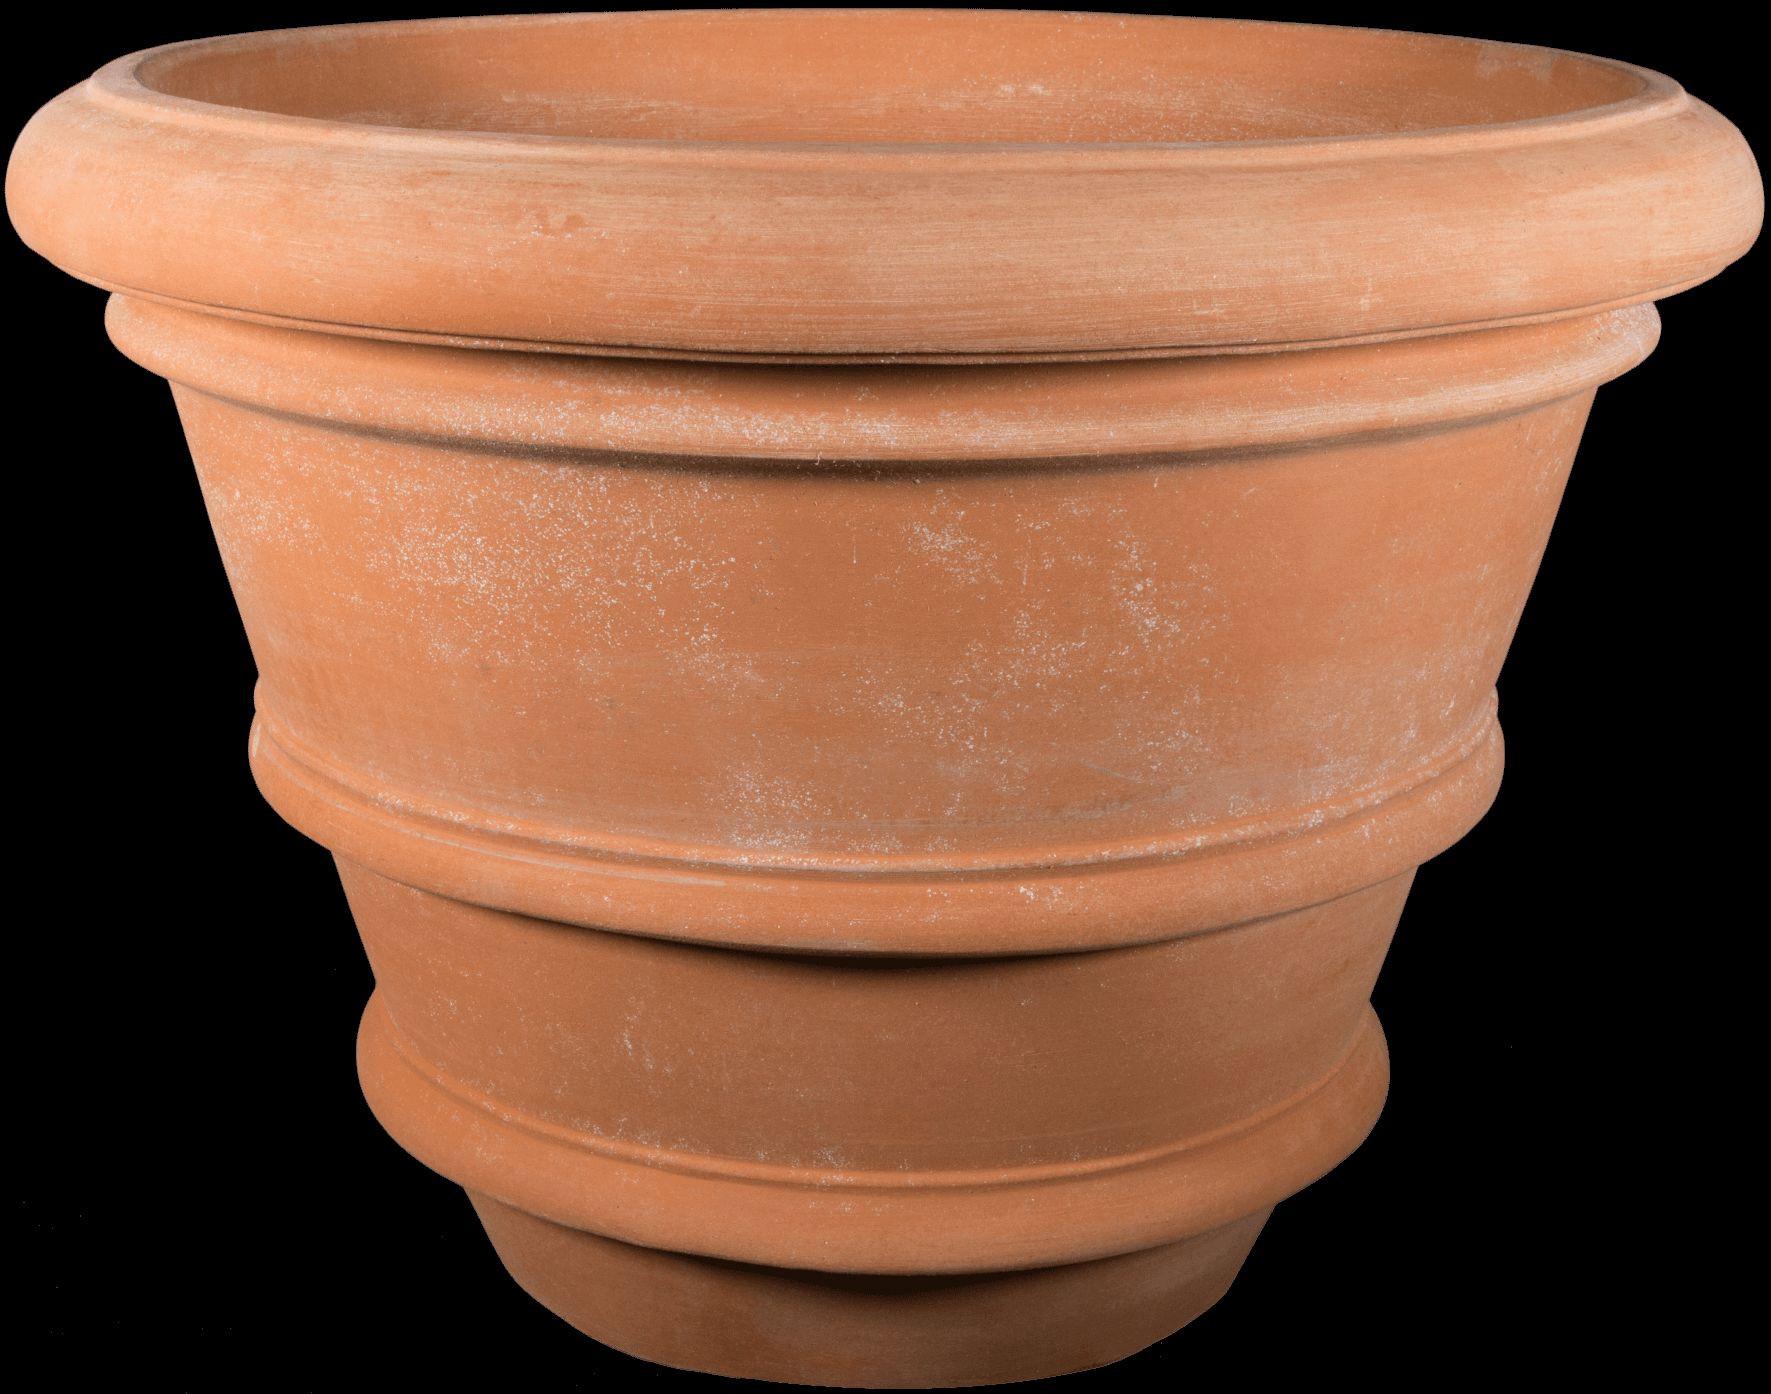 hobby lobby cemetery vases of 24 large plant vase the weekly world regarding terracotta vases for sale from impruneta